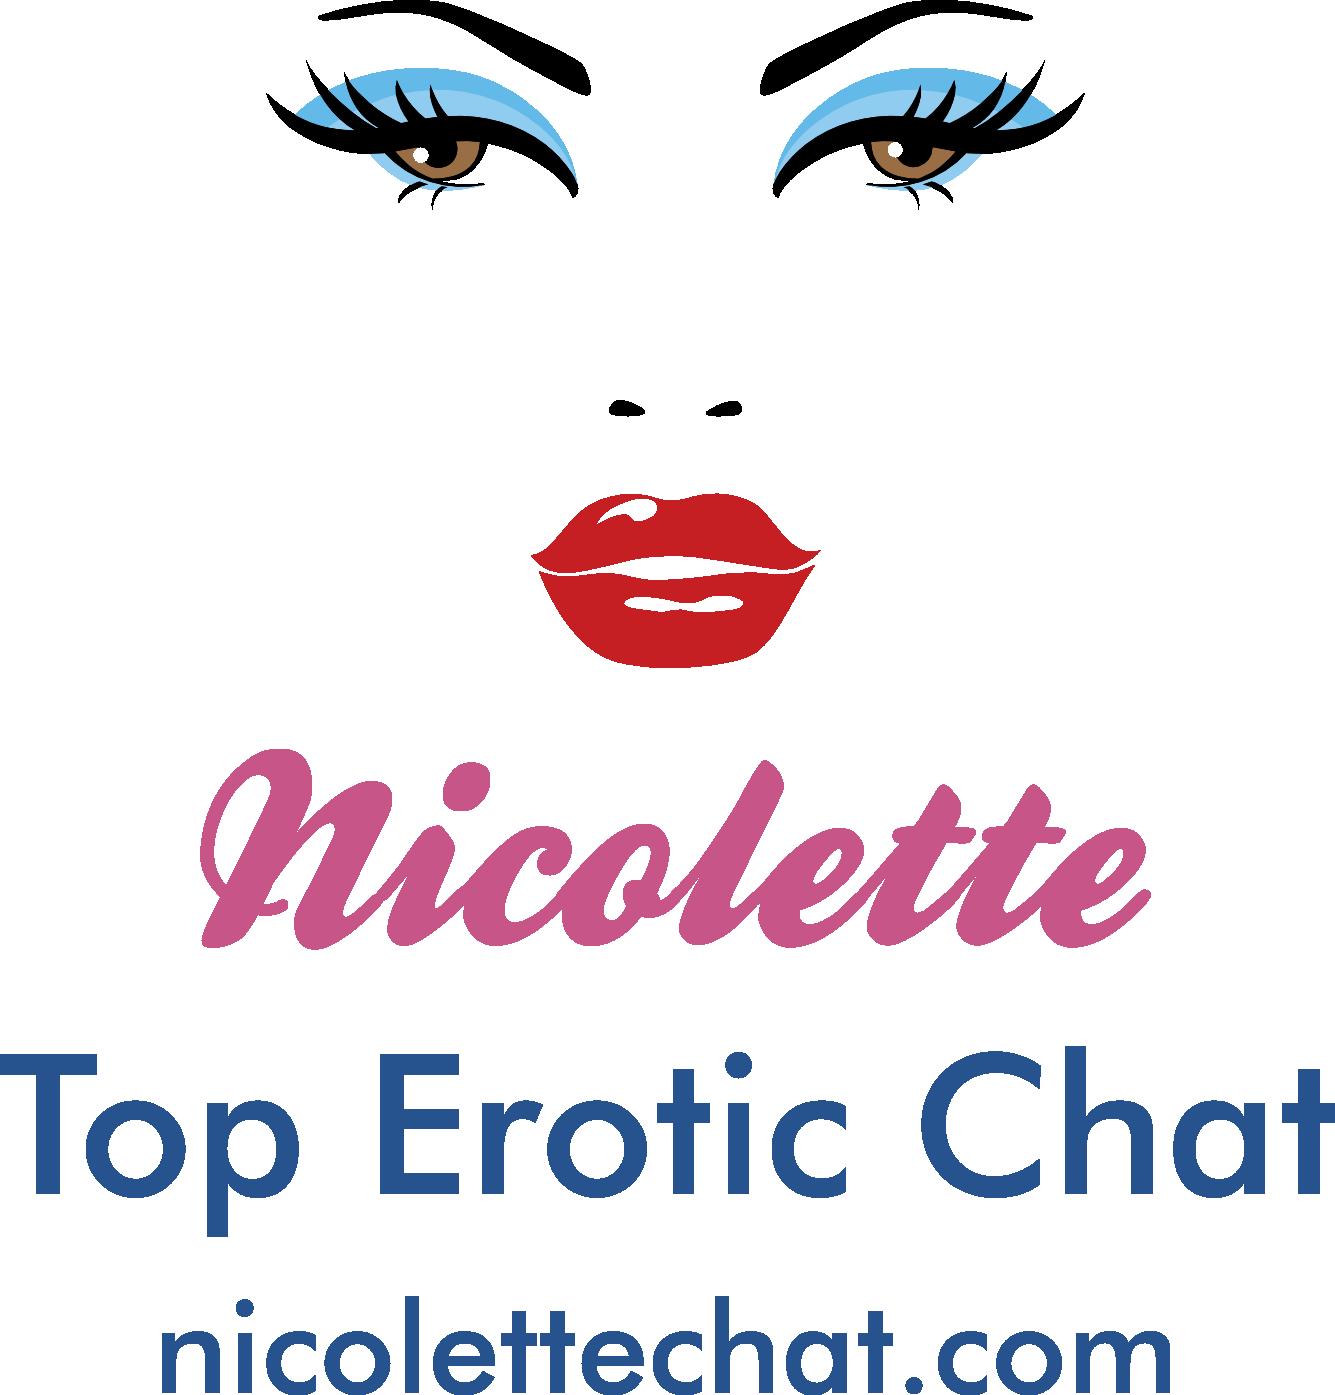 nicolettechat.com